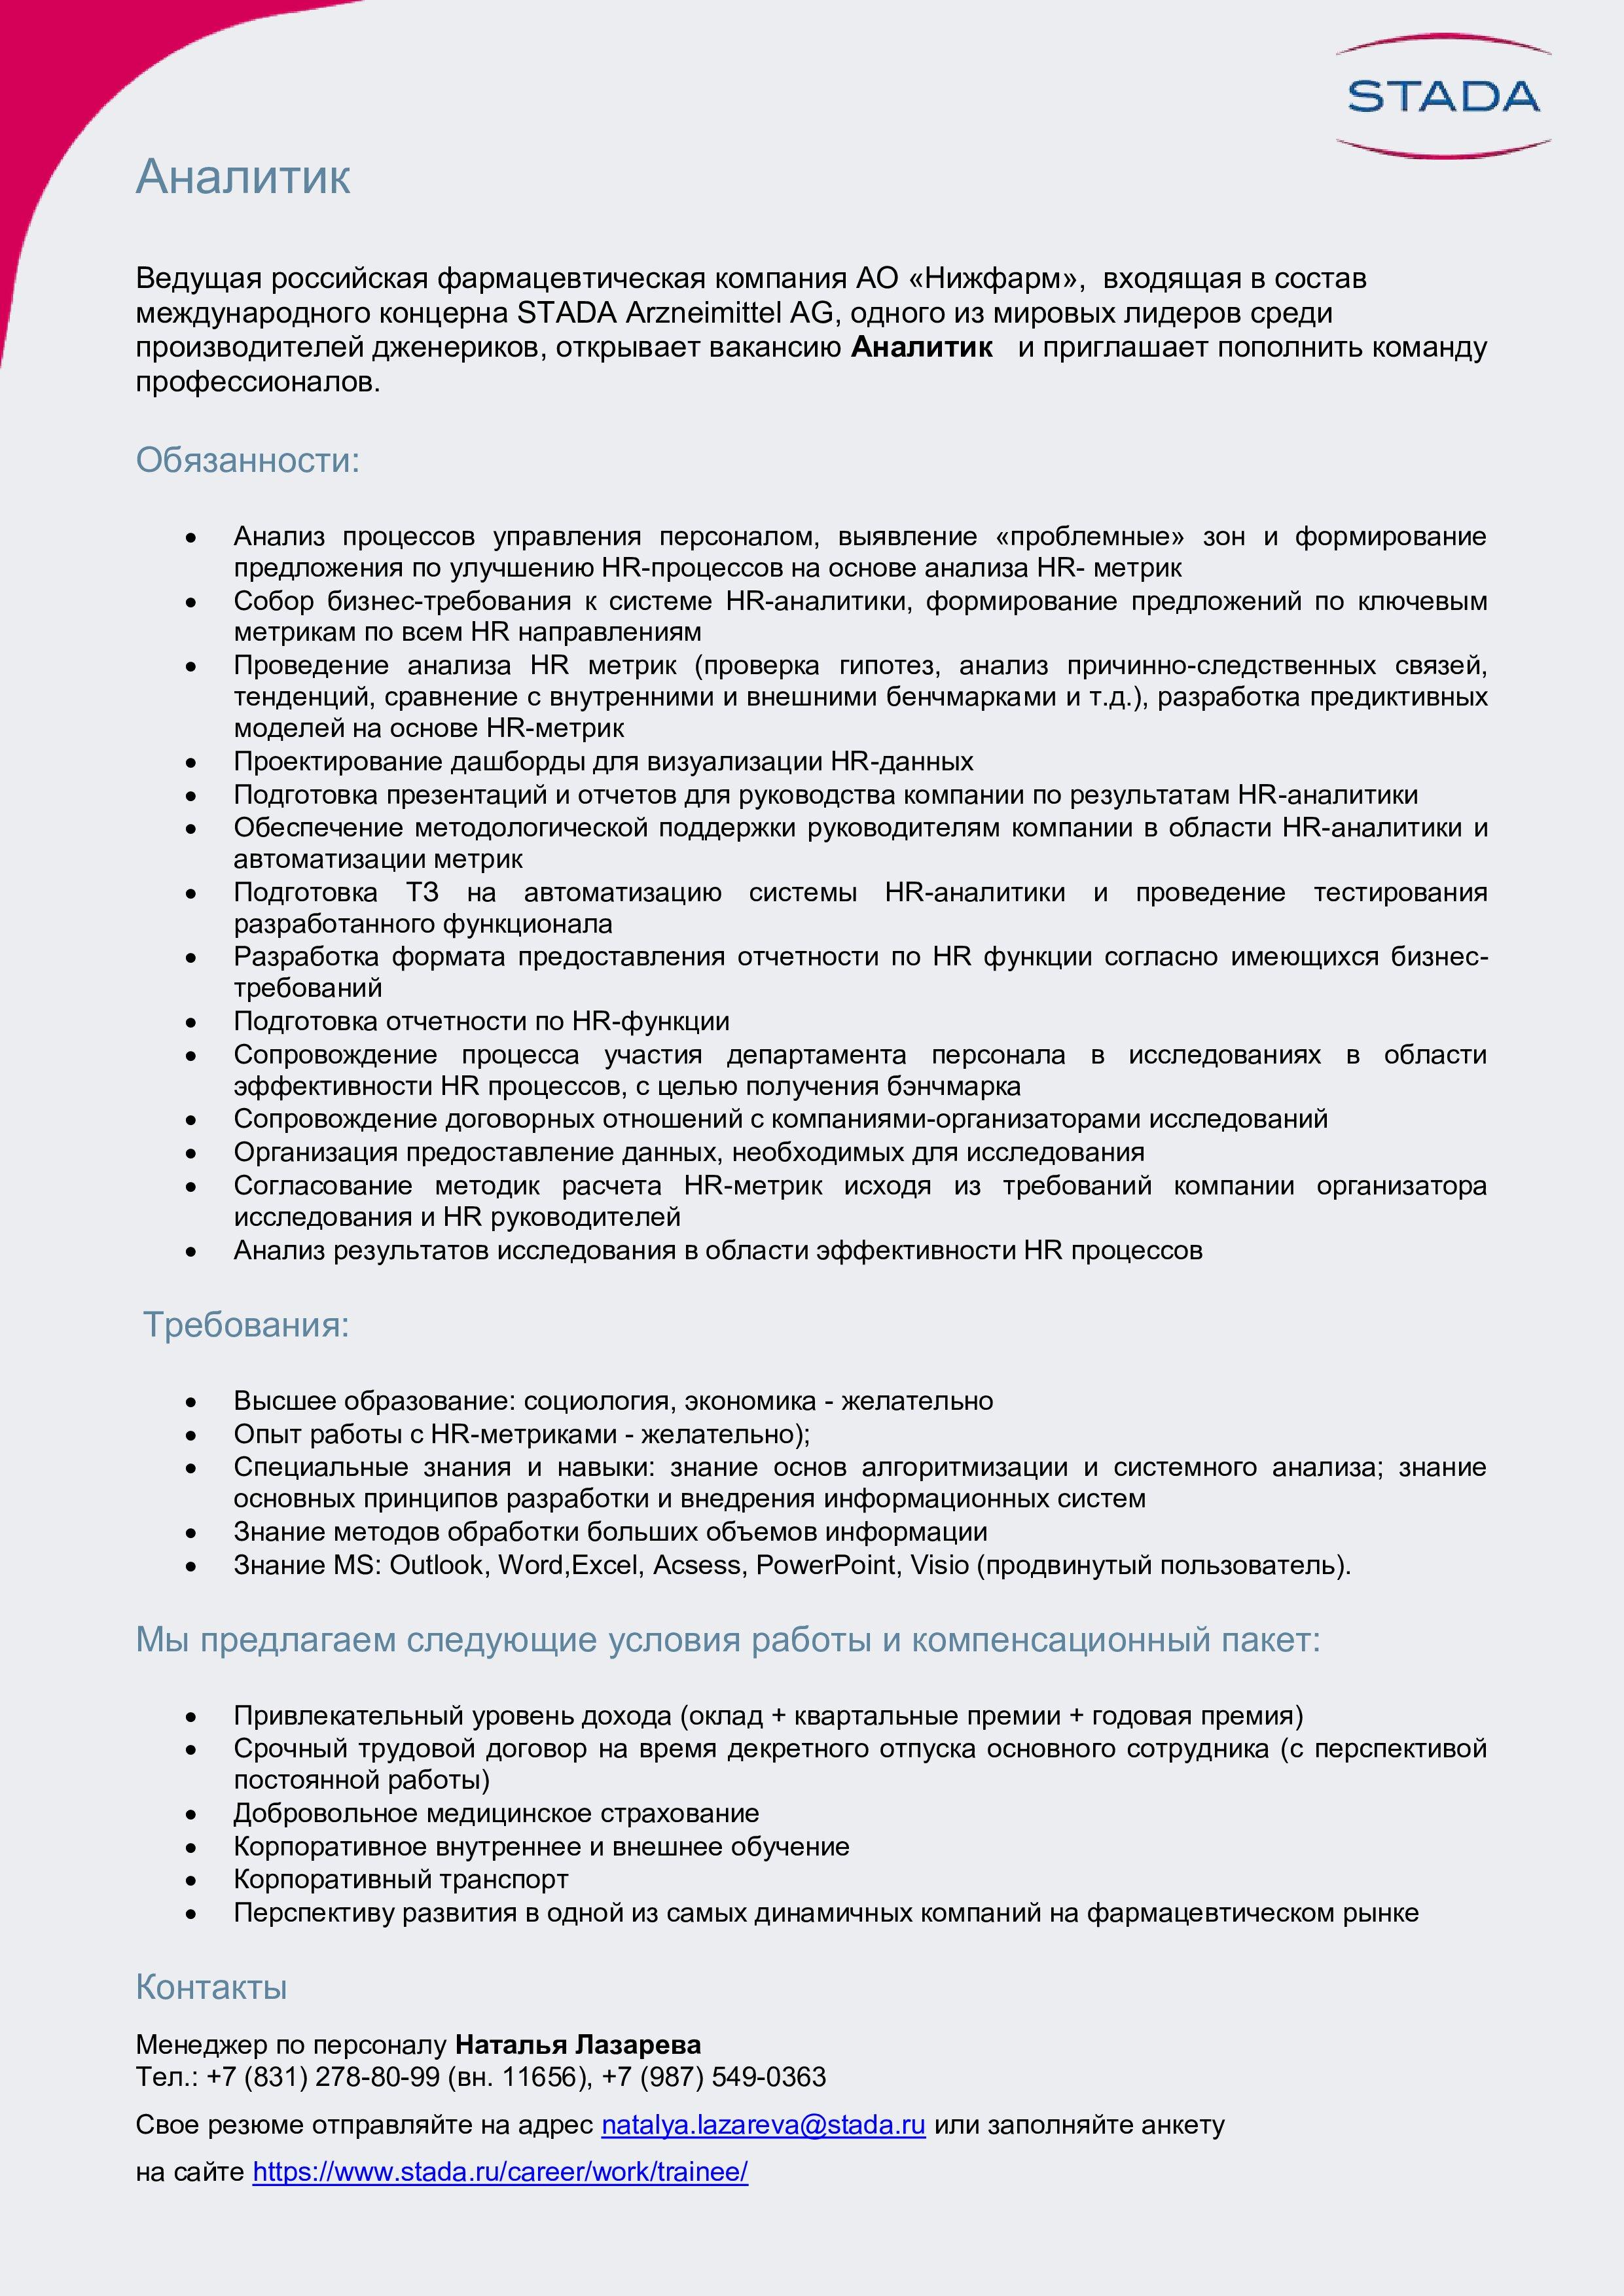 Вакансия _Аналитик_11.12.18_18